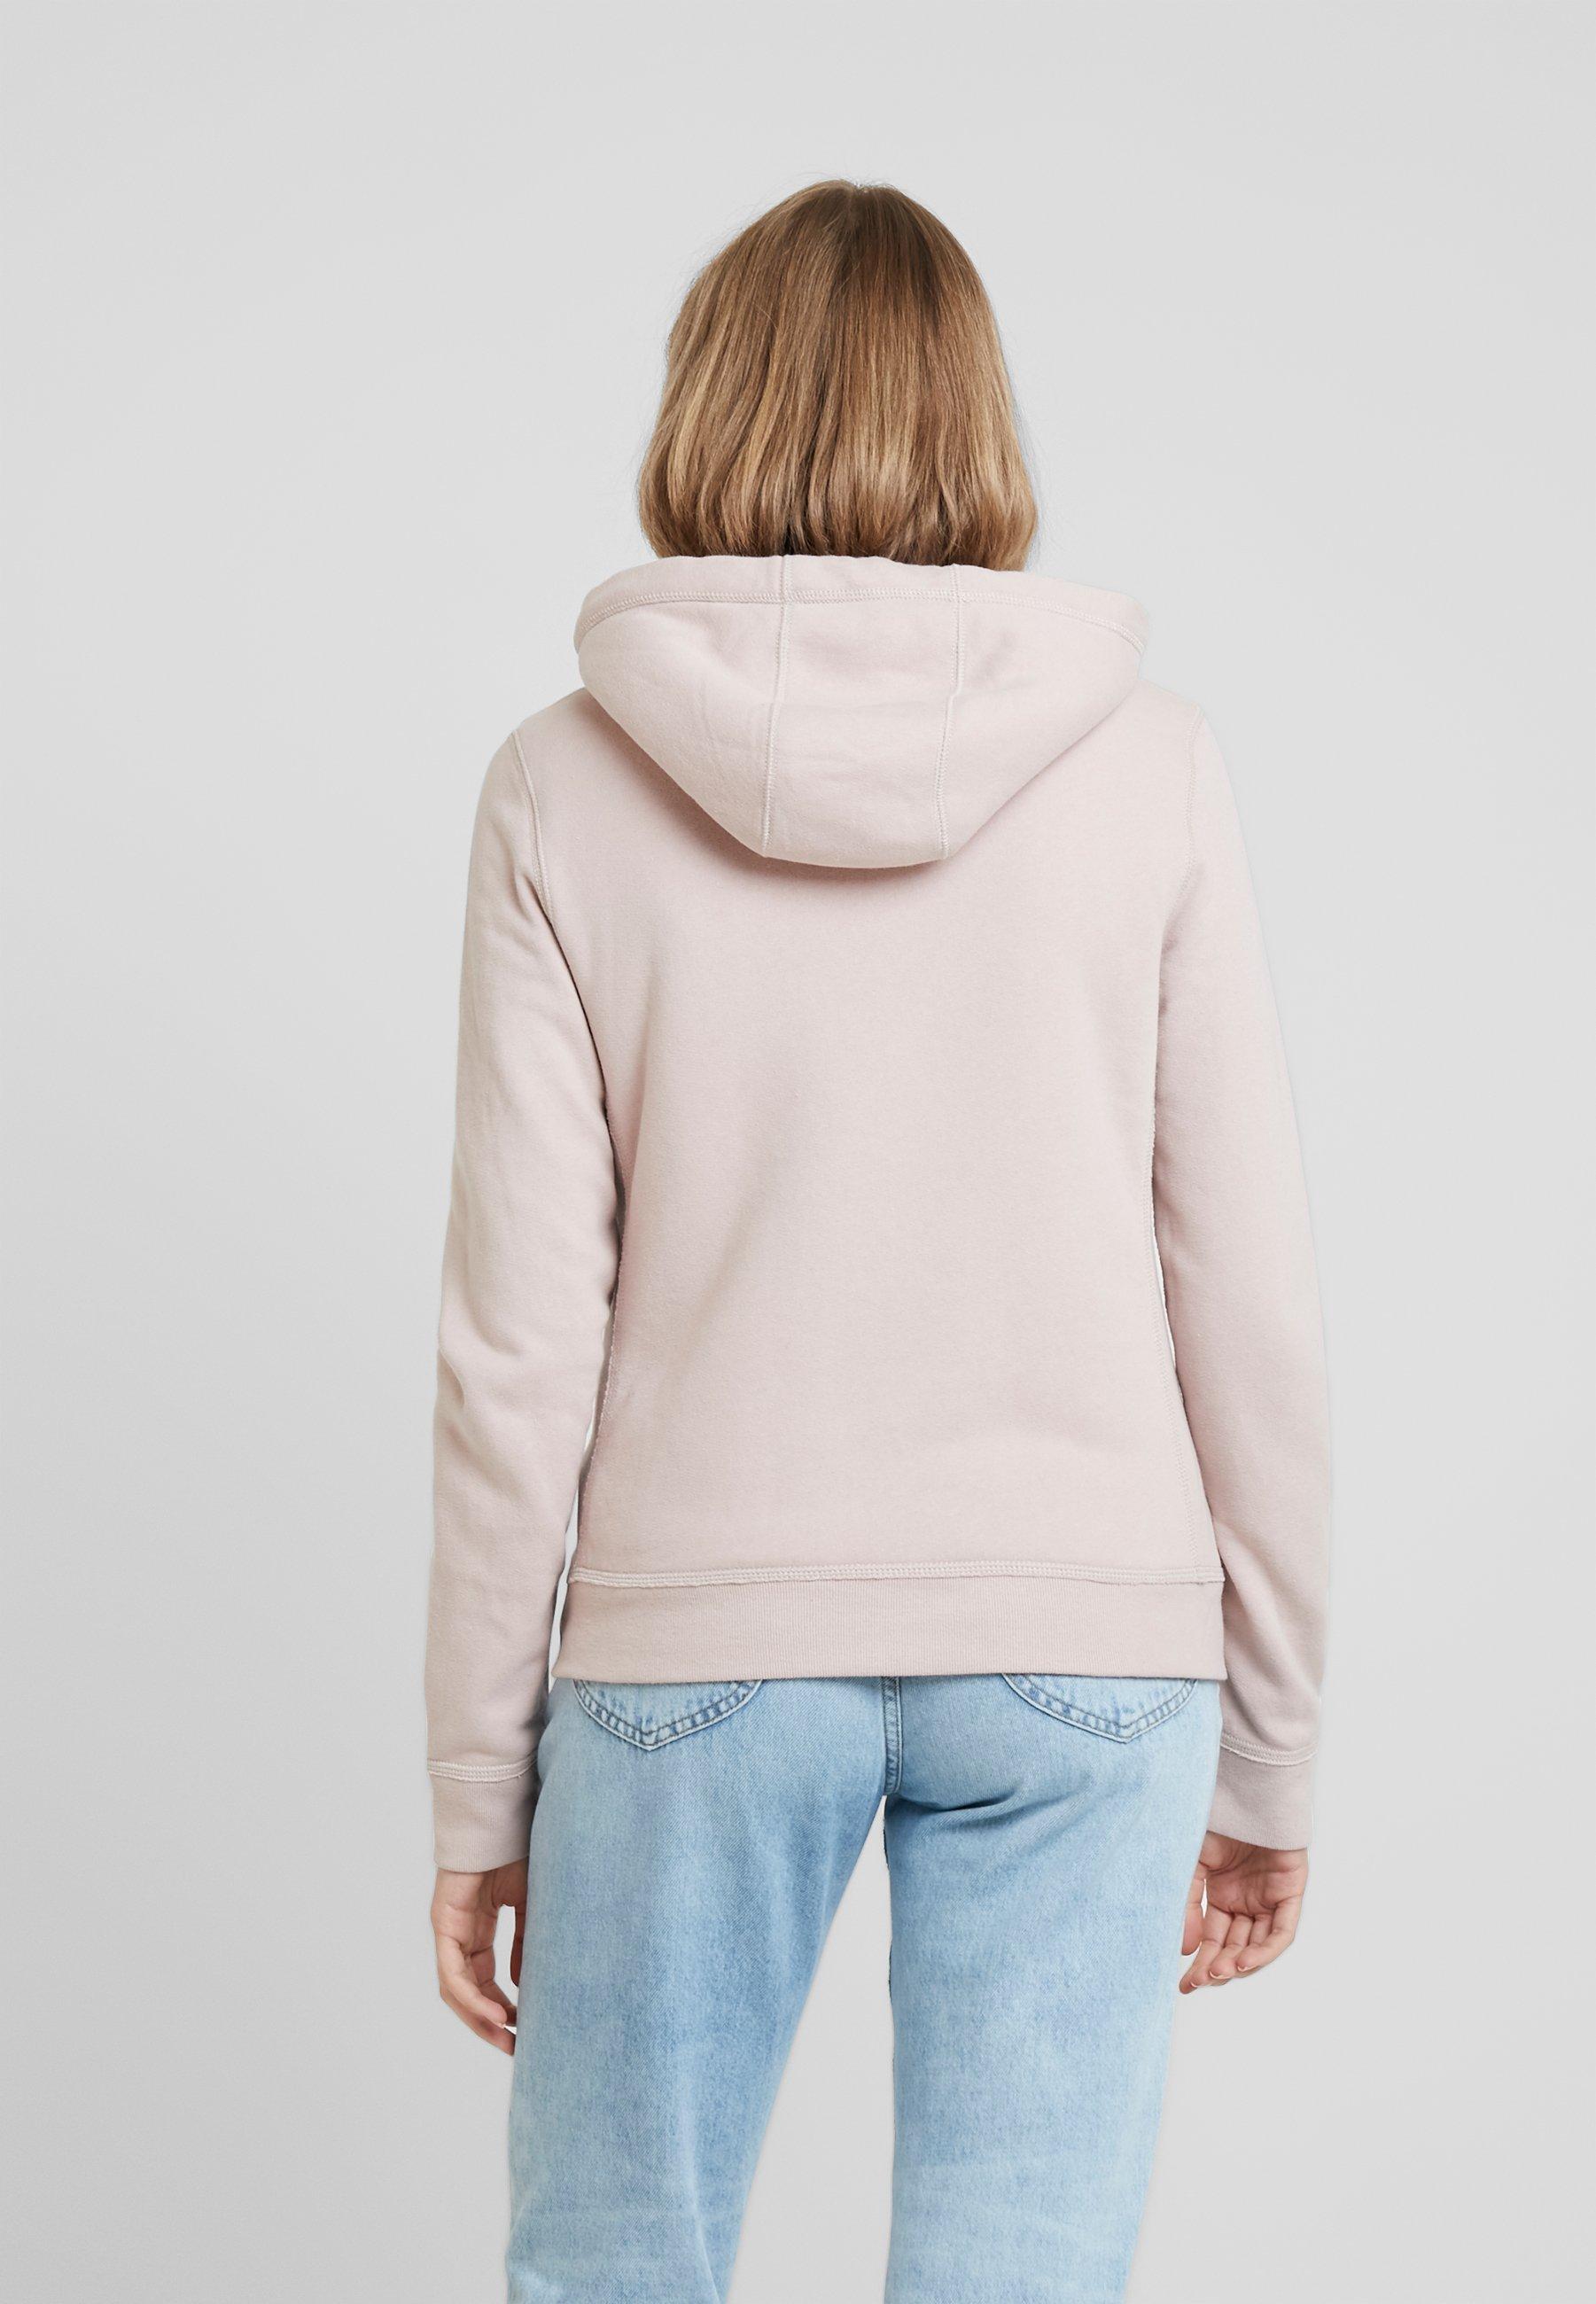 ZipVeste Lined Full Pink Abercrombieamp; Sherpa Logo En Zippée Fitch Sweat qLzGUMVpS